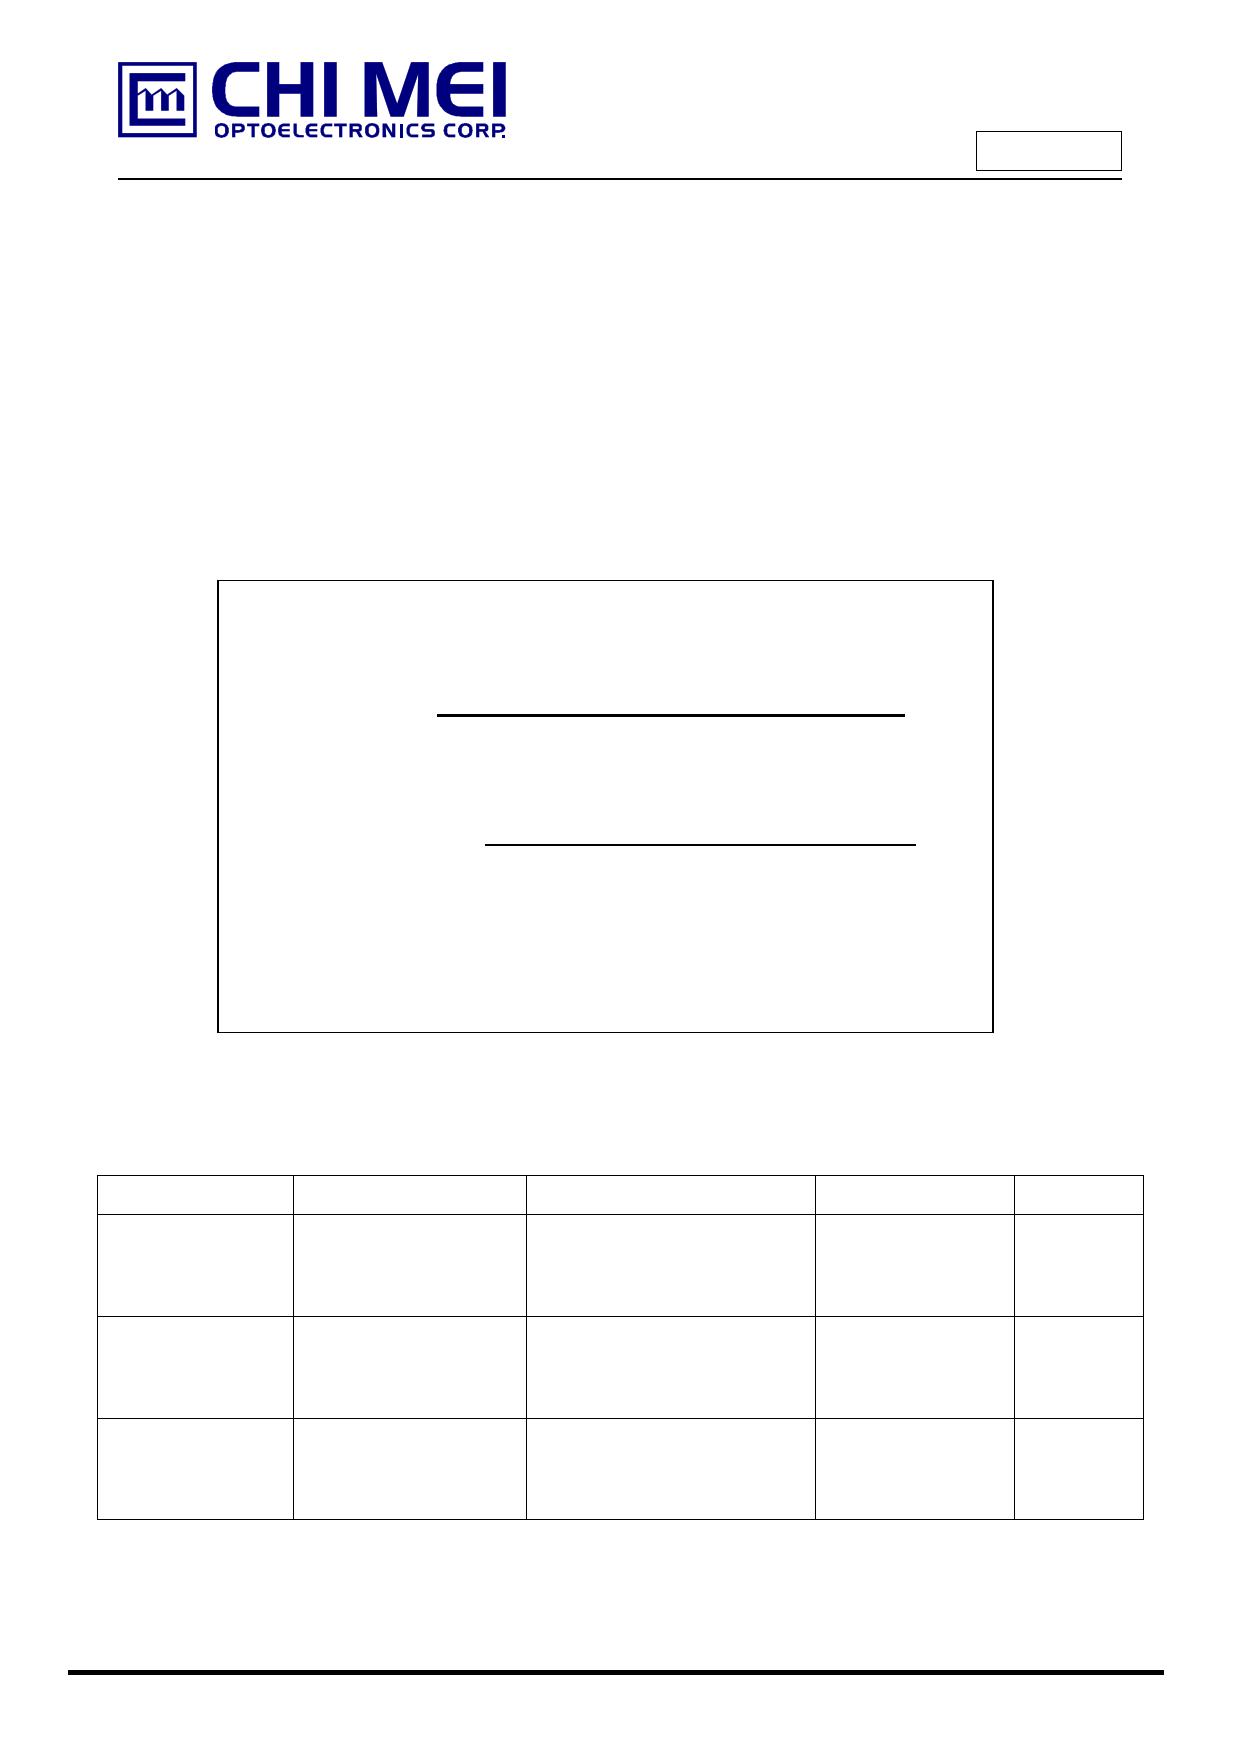 Q05002-601 datasheet